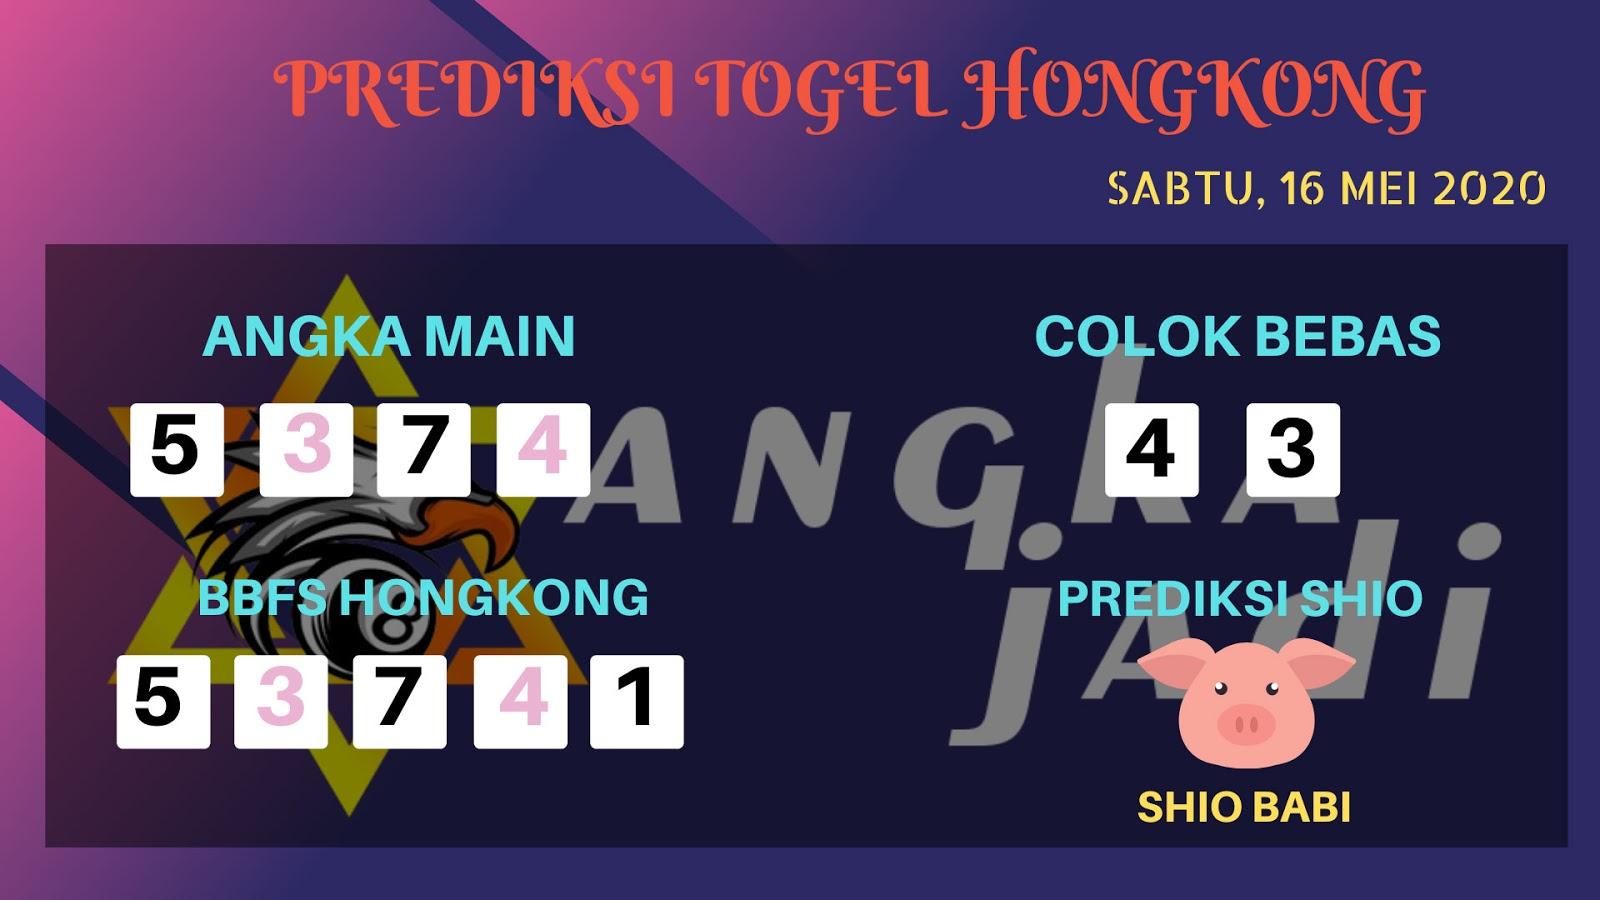 Prediksi Togel Hongkong Sabtu 16 Mei 2020 - Bocoran HK